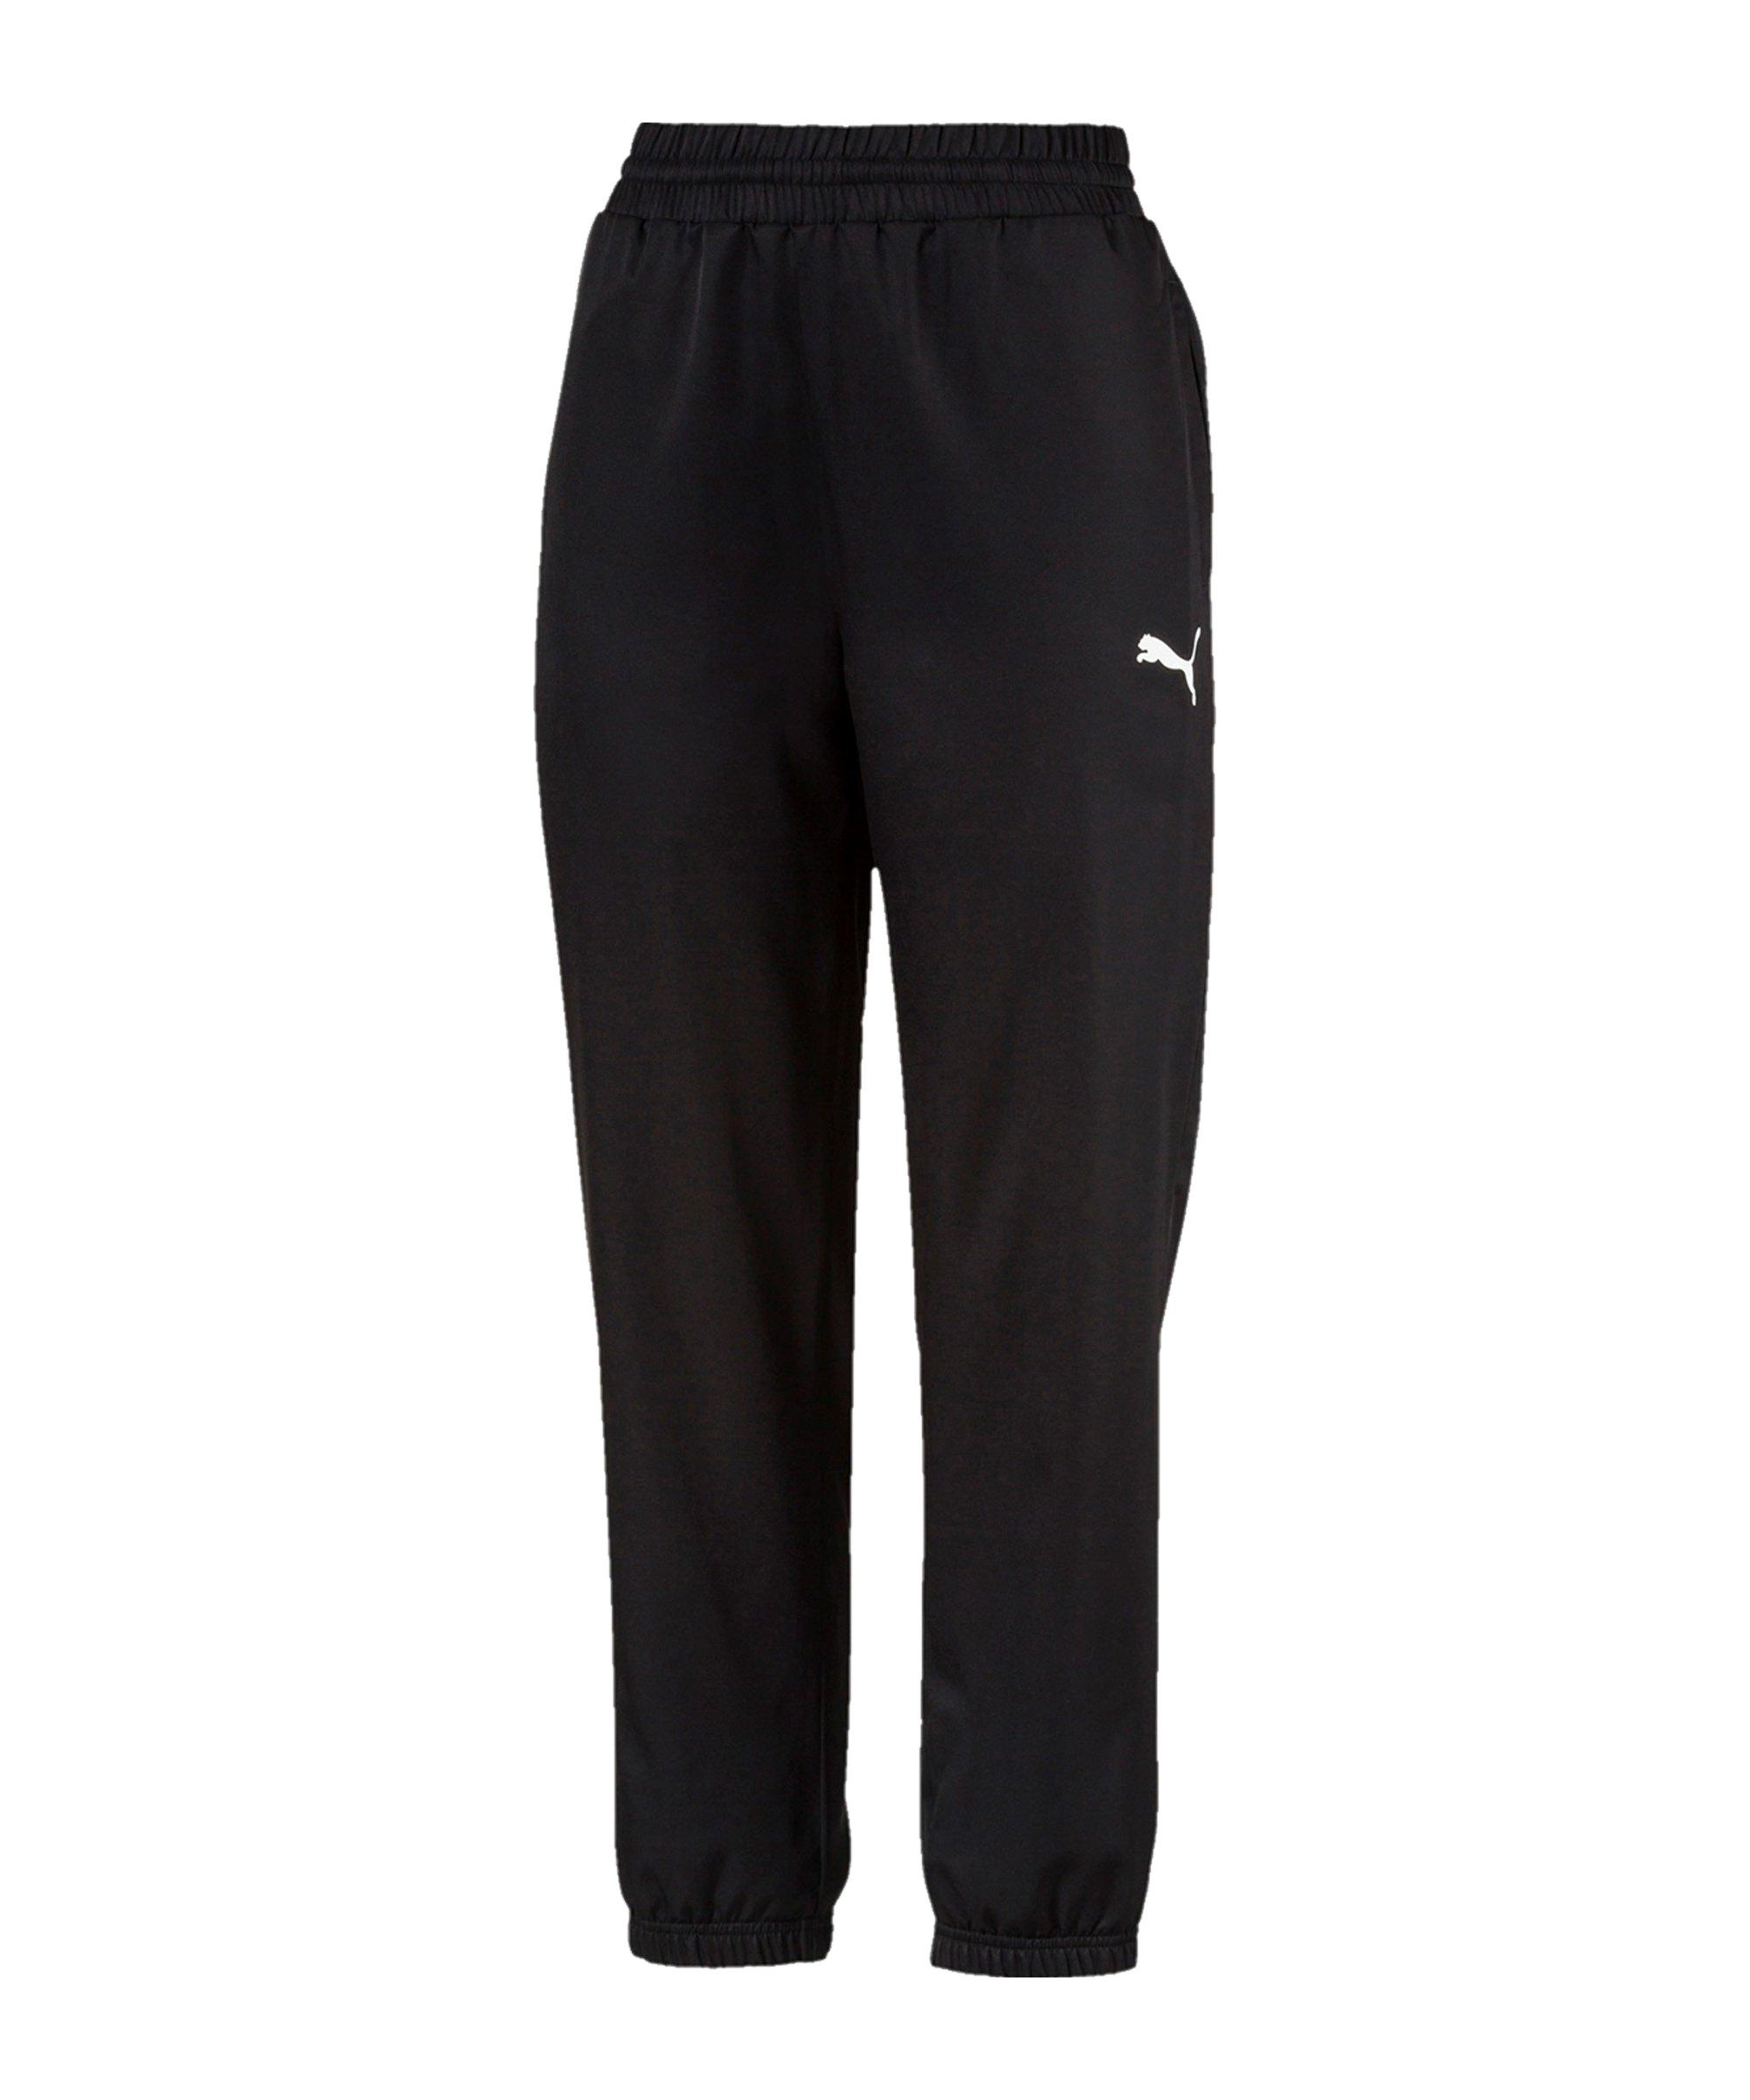 PUMA Active Woven Jogginghose Damen Schwarz F01 - schwarz